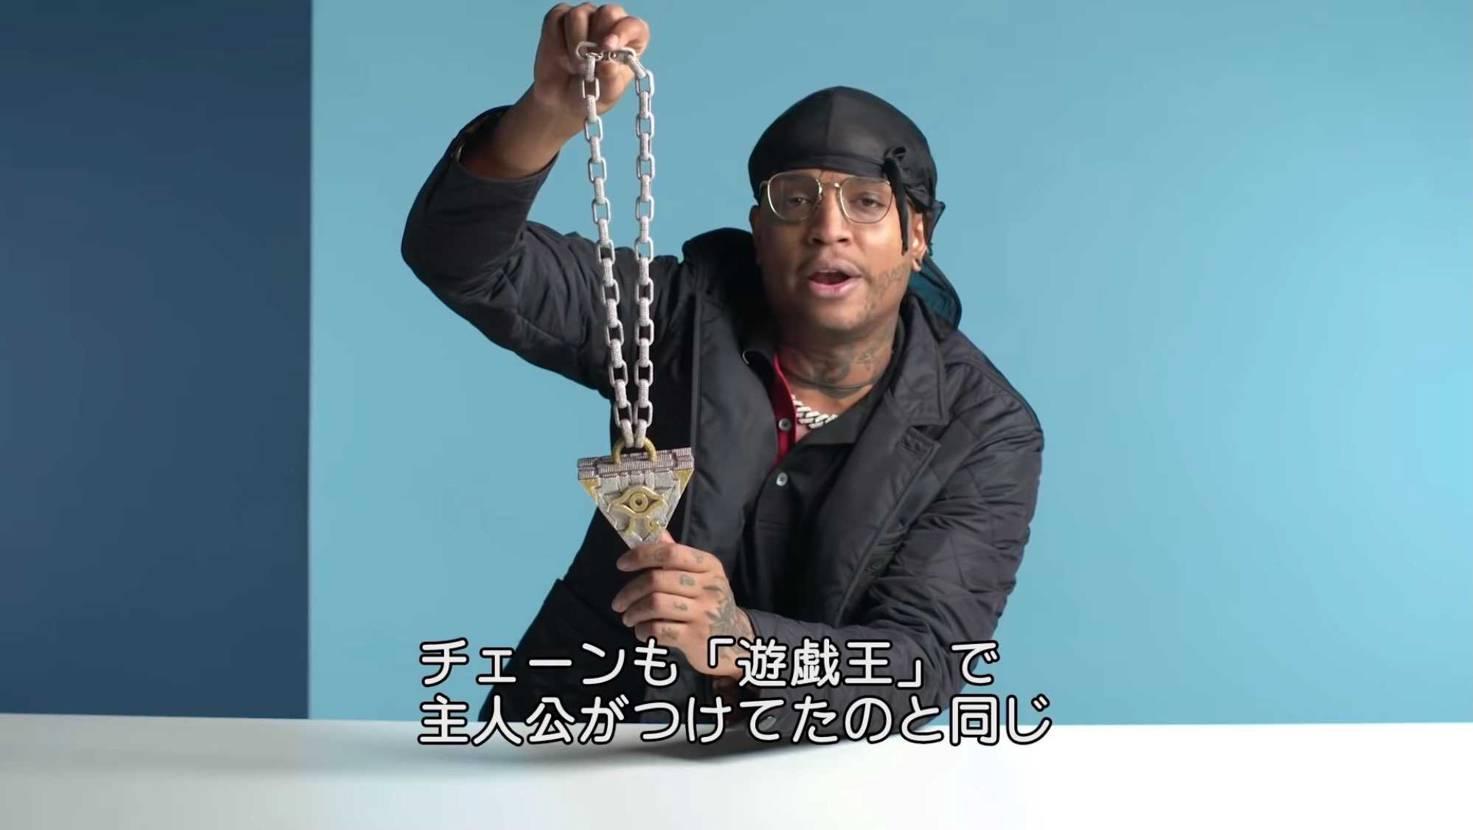 GQ JAPANみてきたけどSlump Godほんますこ☺️ ジャンプ好きすぎ